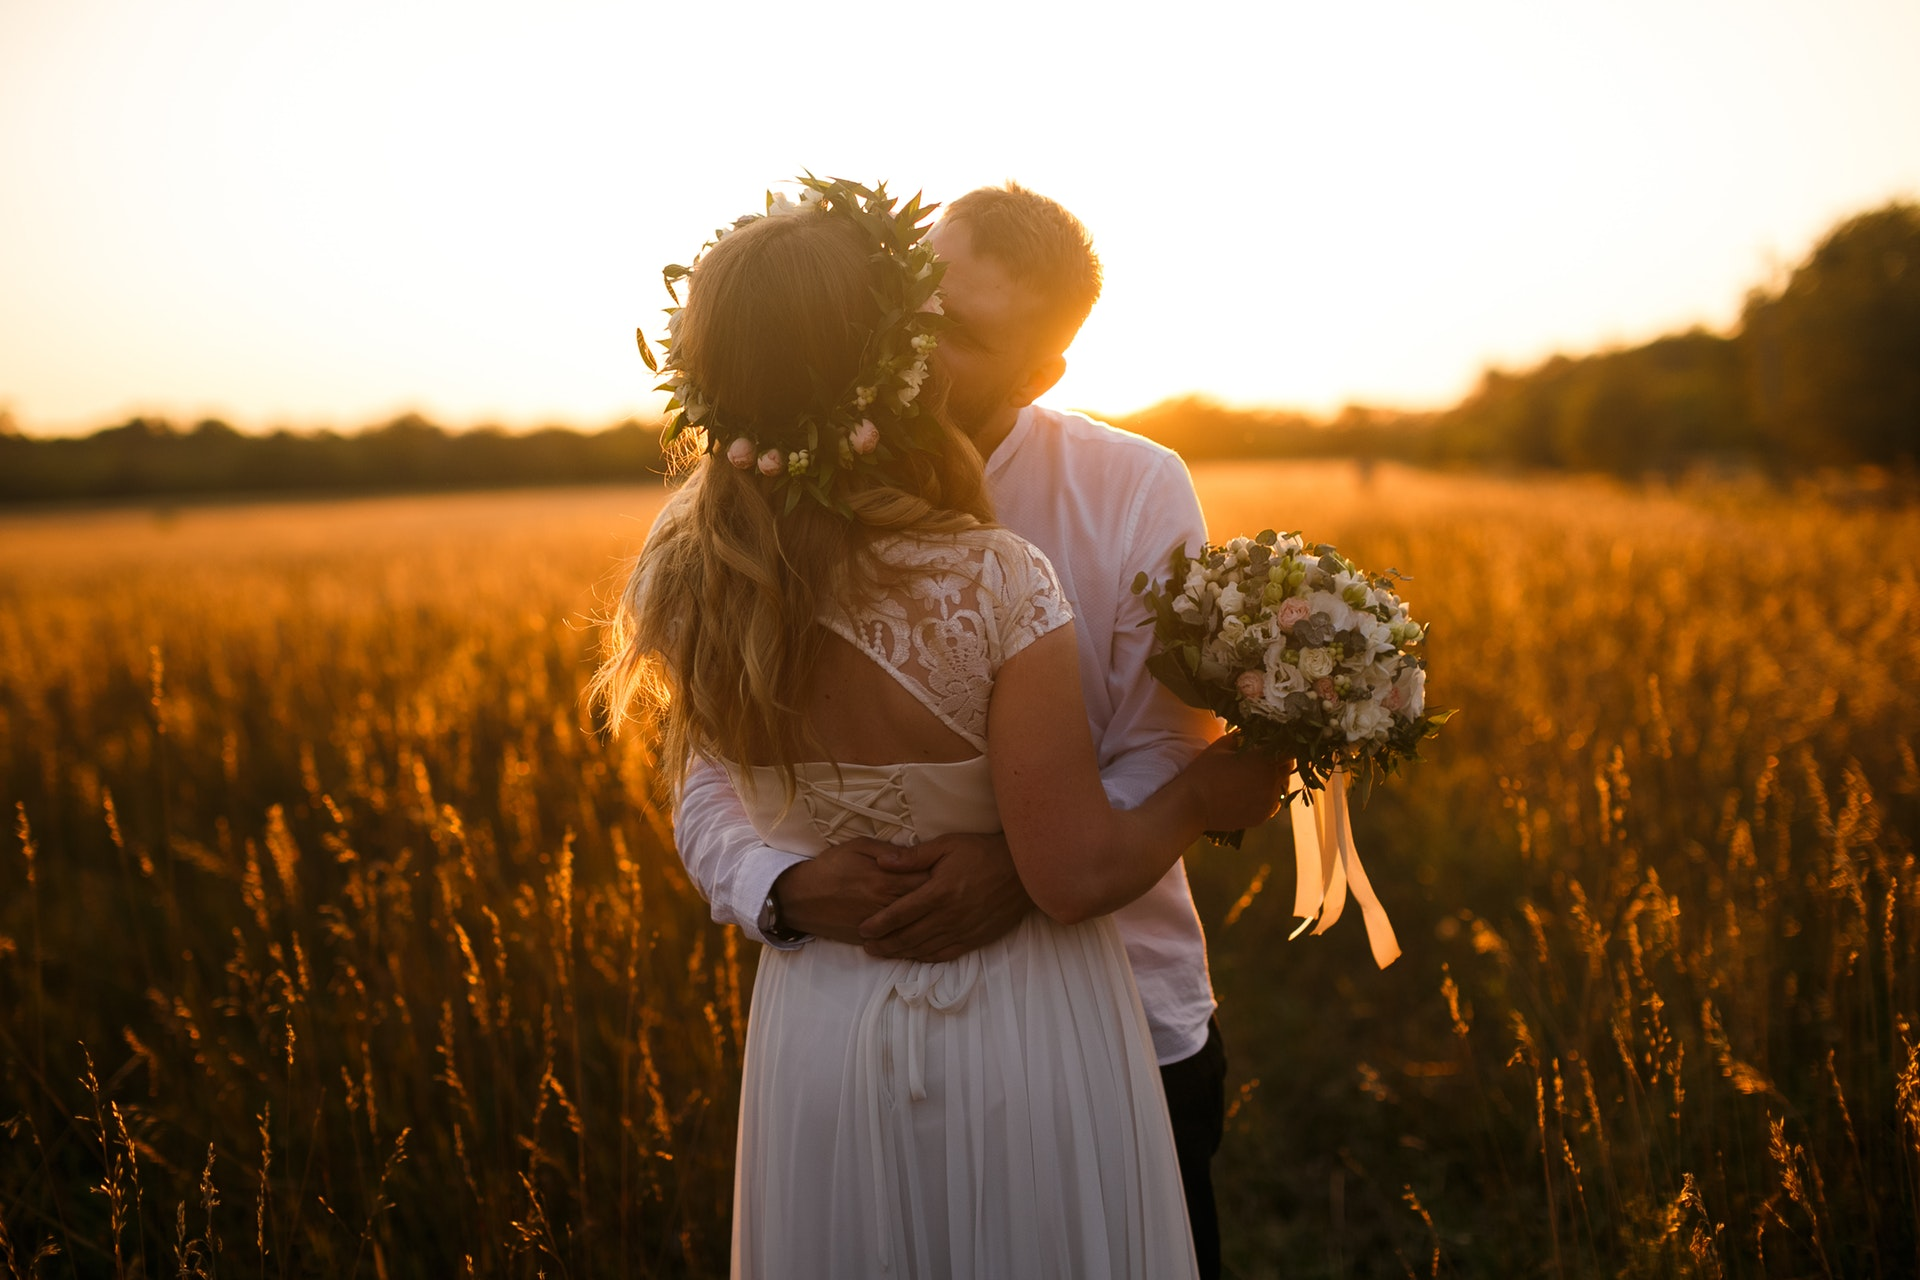 Adepte du posemètre, un photographe réussi l'exploit de faire 15 photos bien exposées durant une journée mariage